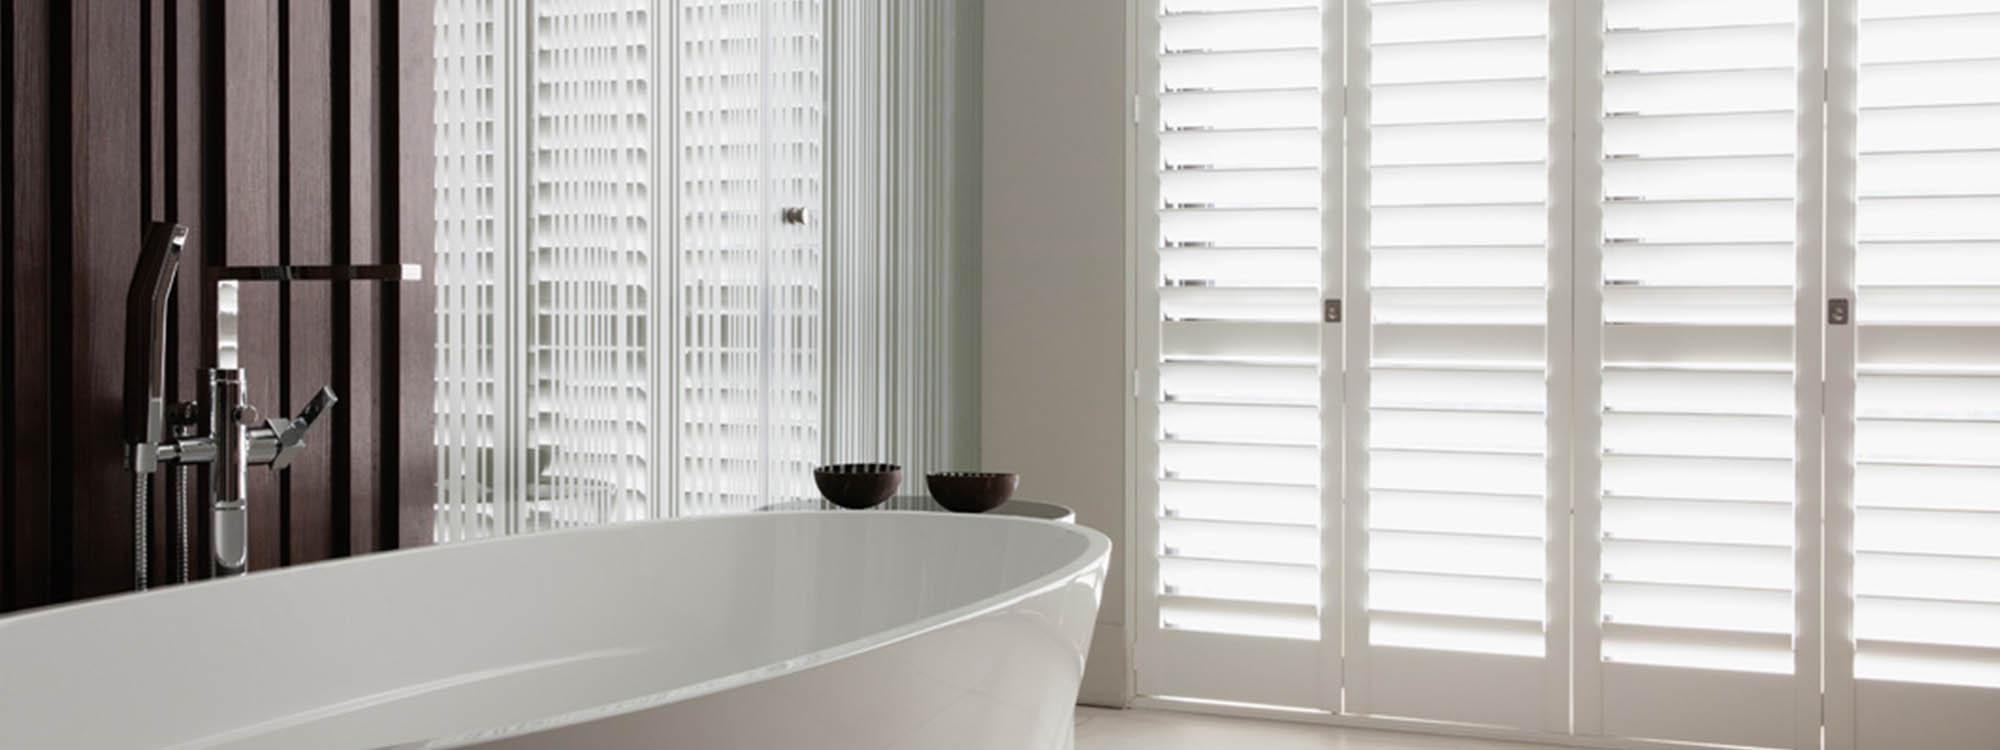 Decowood-shutters-bathroom-eco-friendly-bath